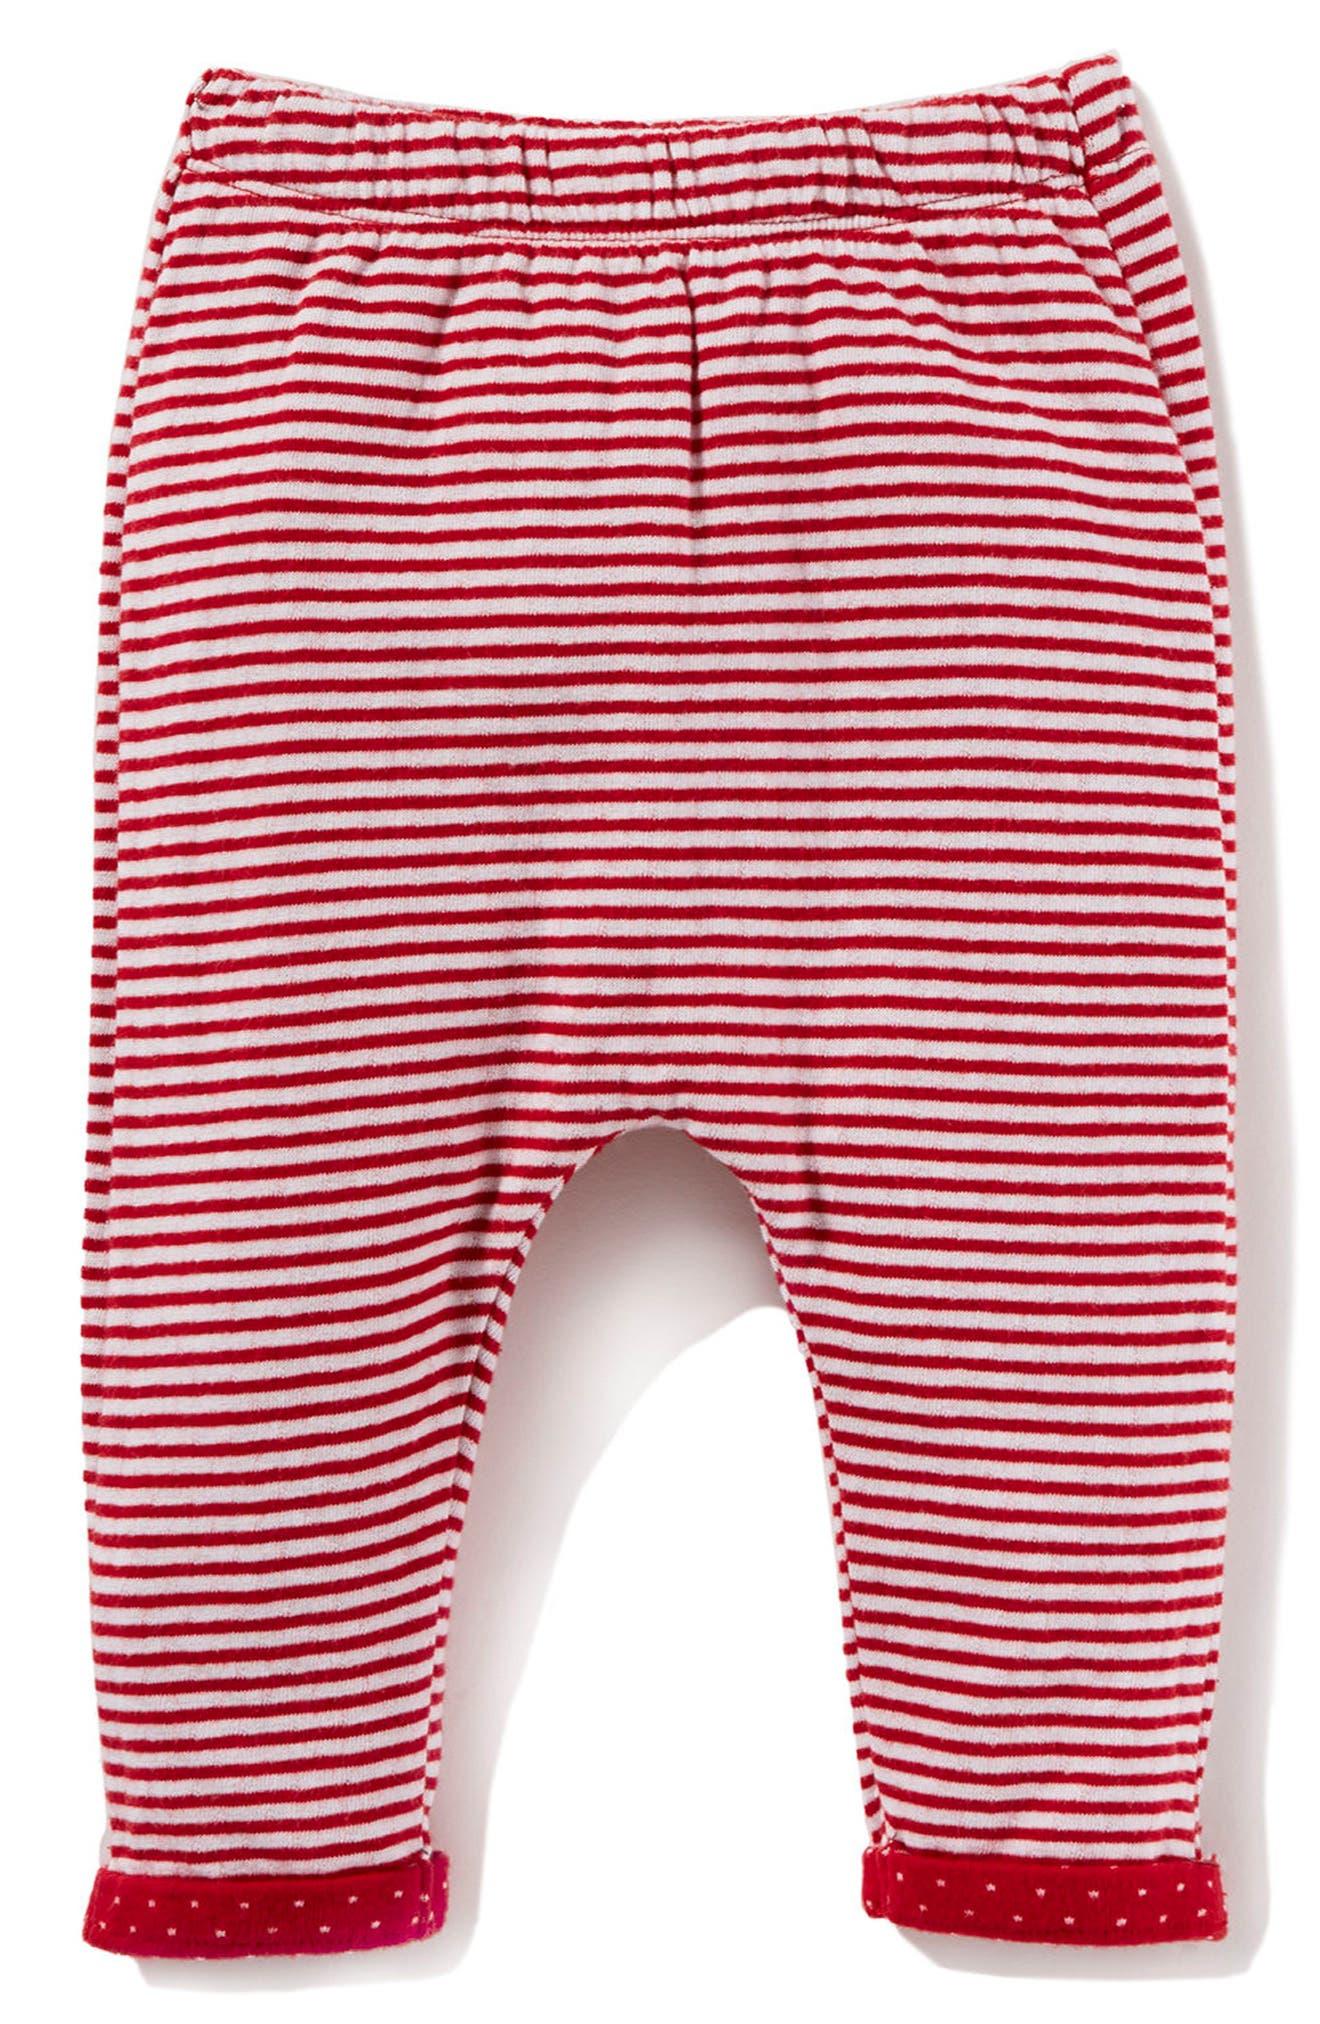 Peek Marley Pants,                             Main thumbnail 1, color,                             Red